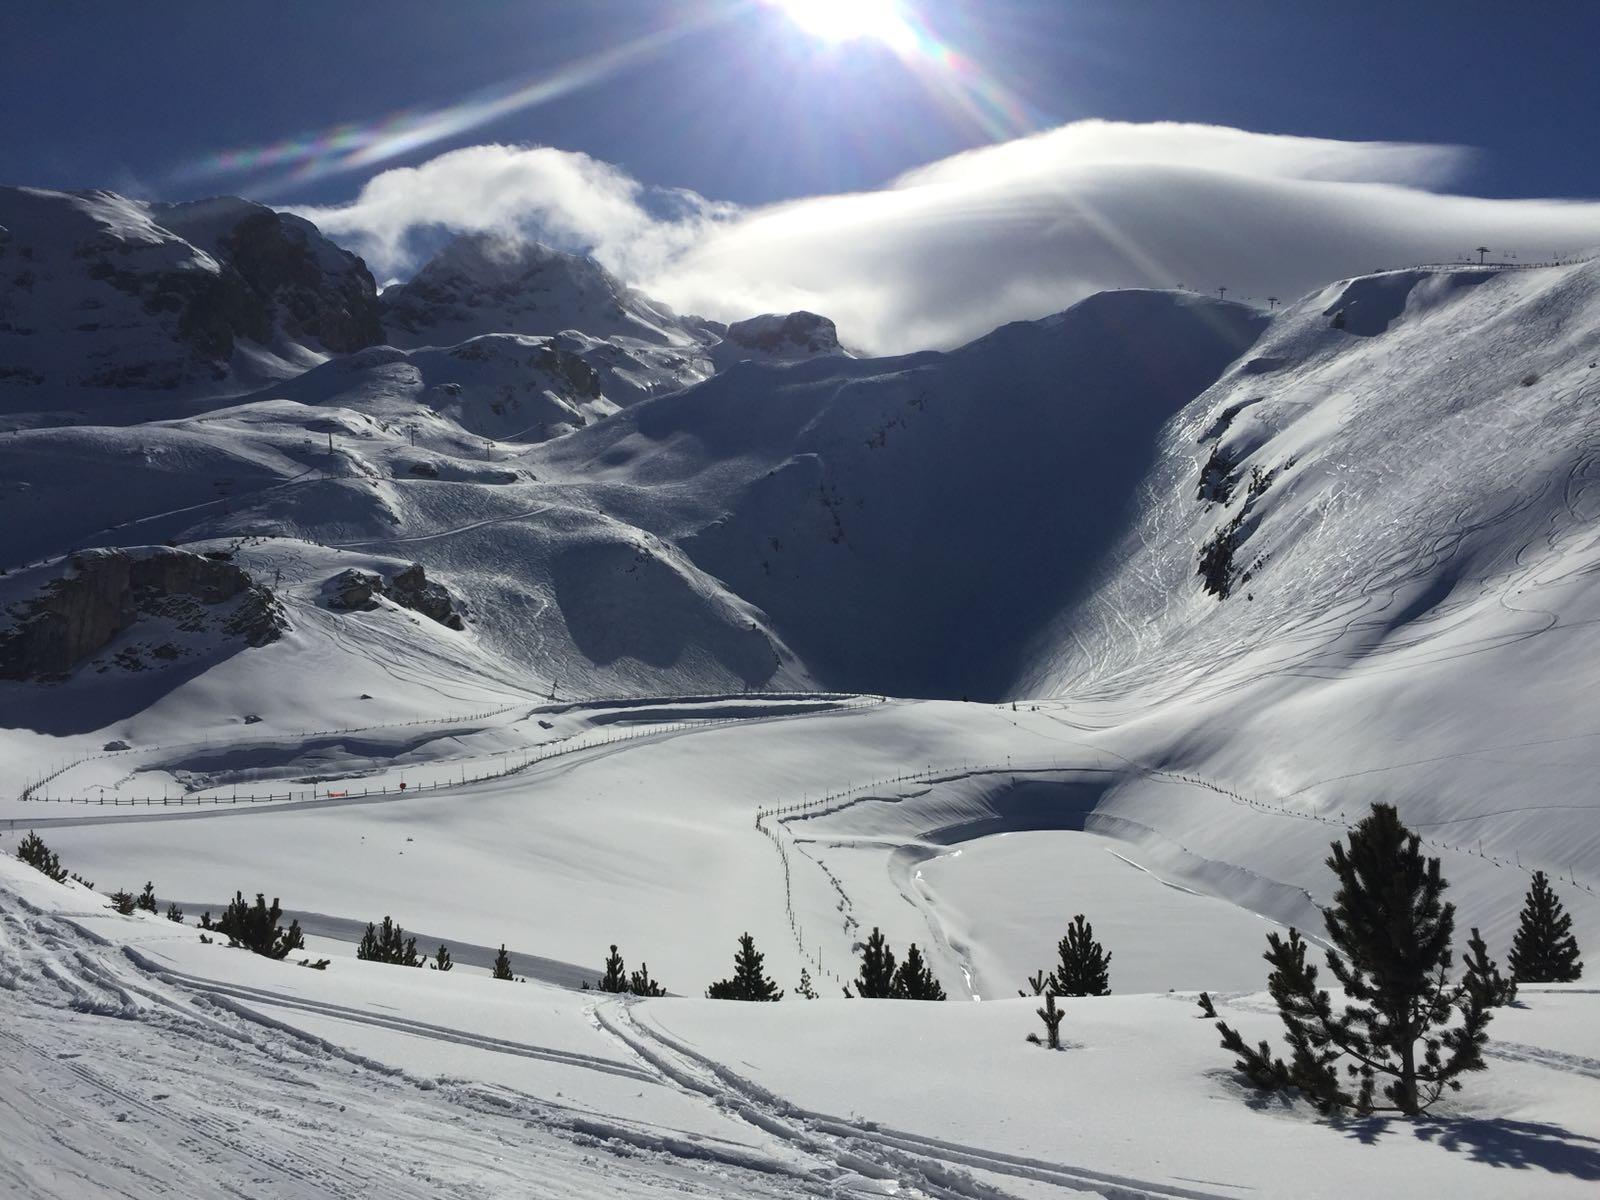 winterblues wintersport